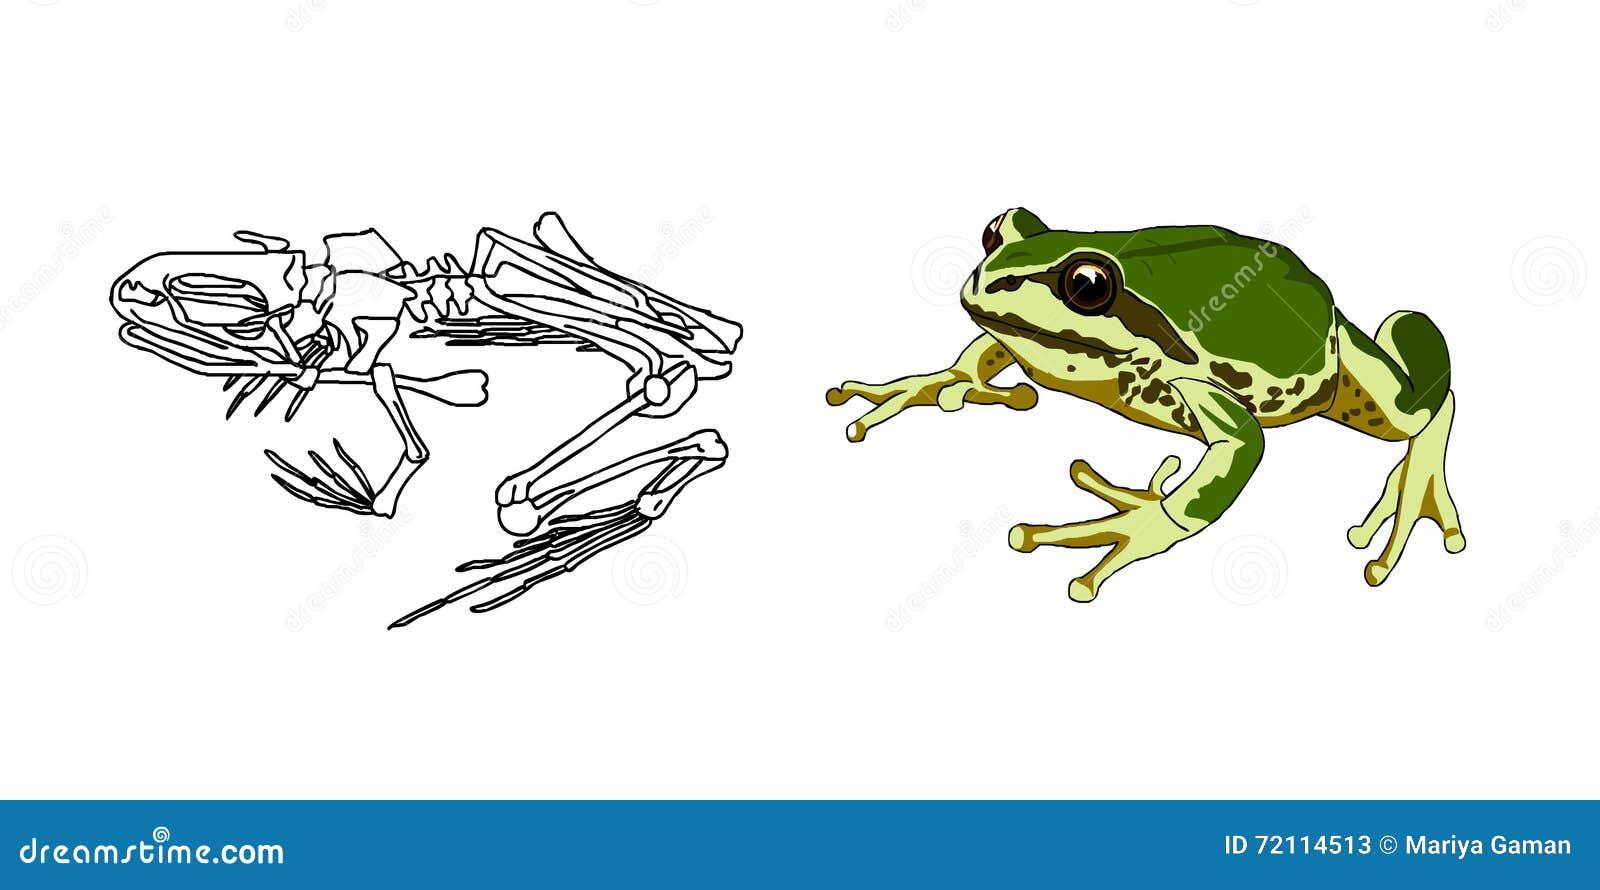 Anatomía de la rana imagen de archivo. Imagen de órganos - 39027529